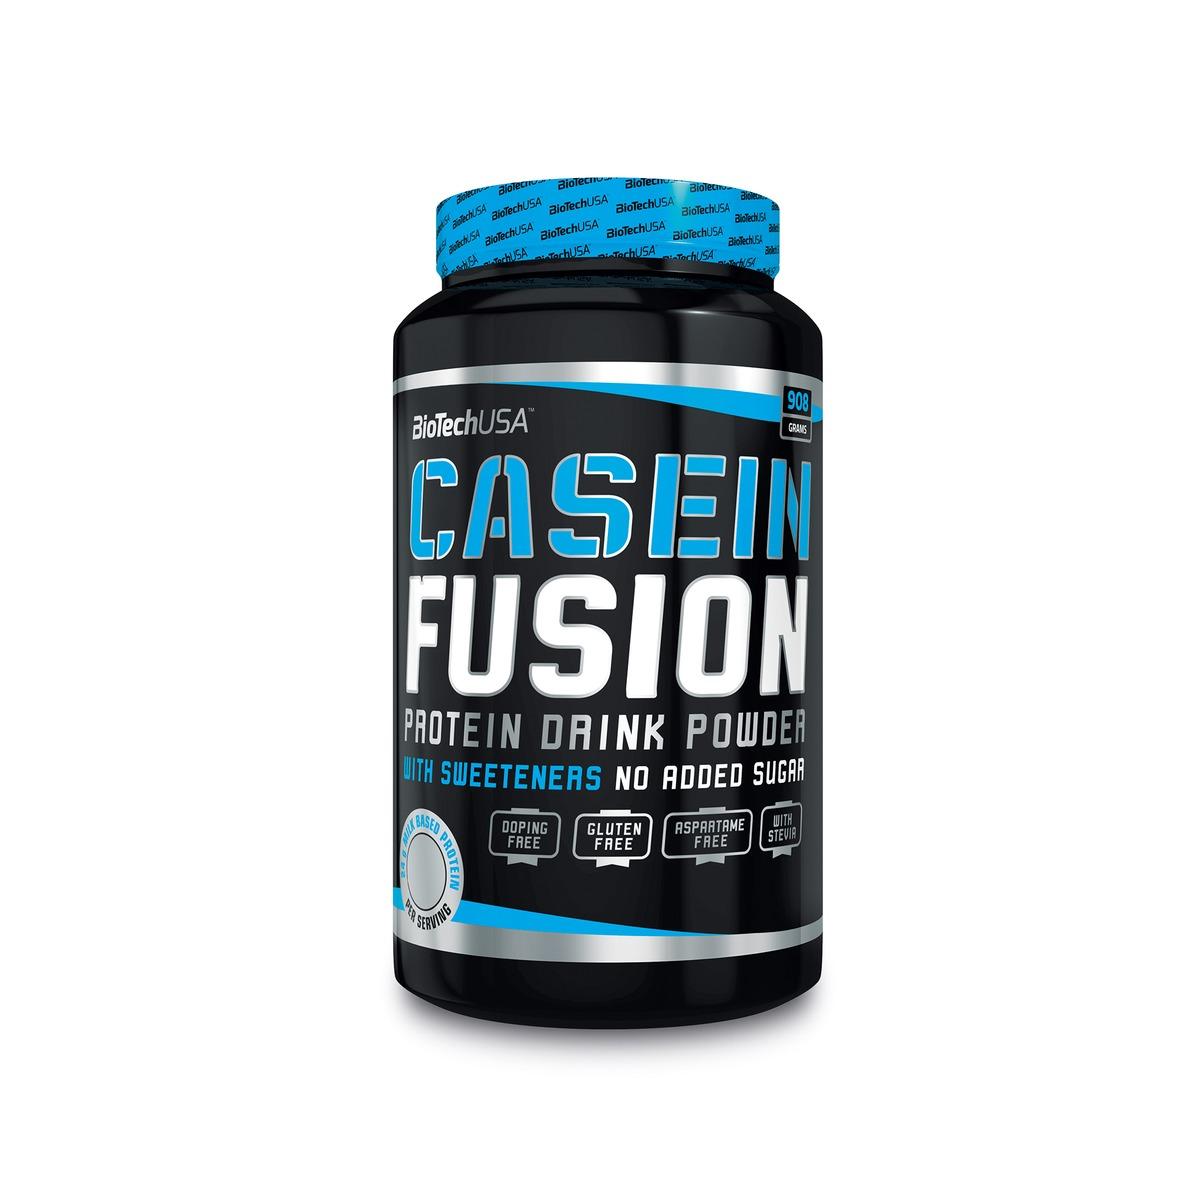 Kasein Fusion 908 g, proteintillskott